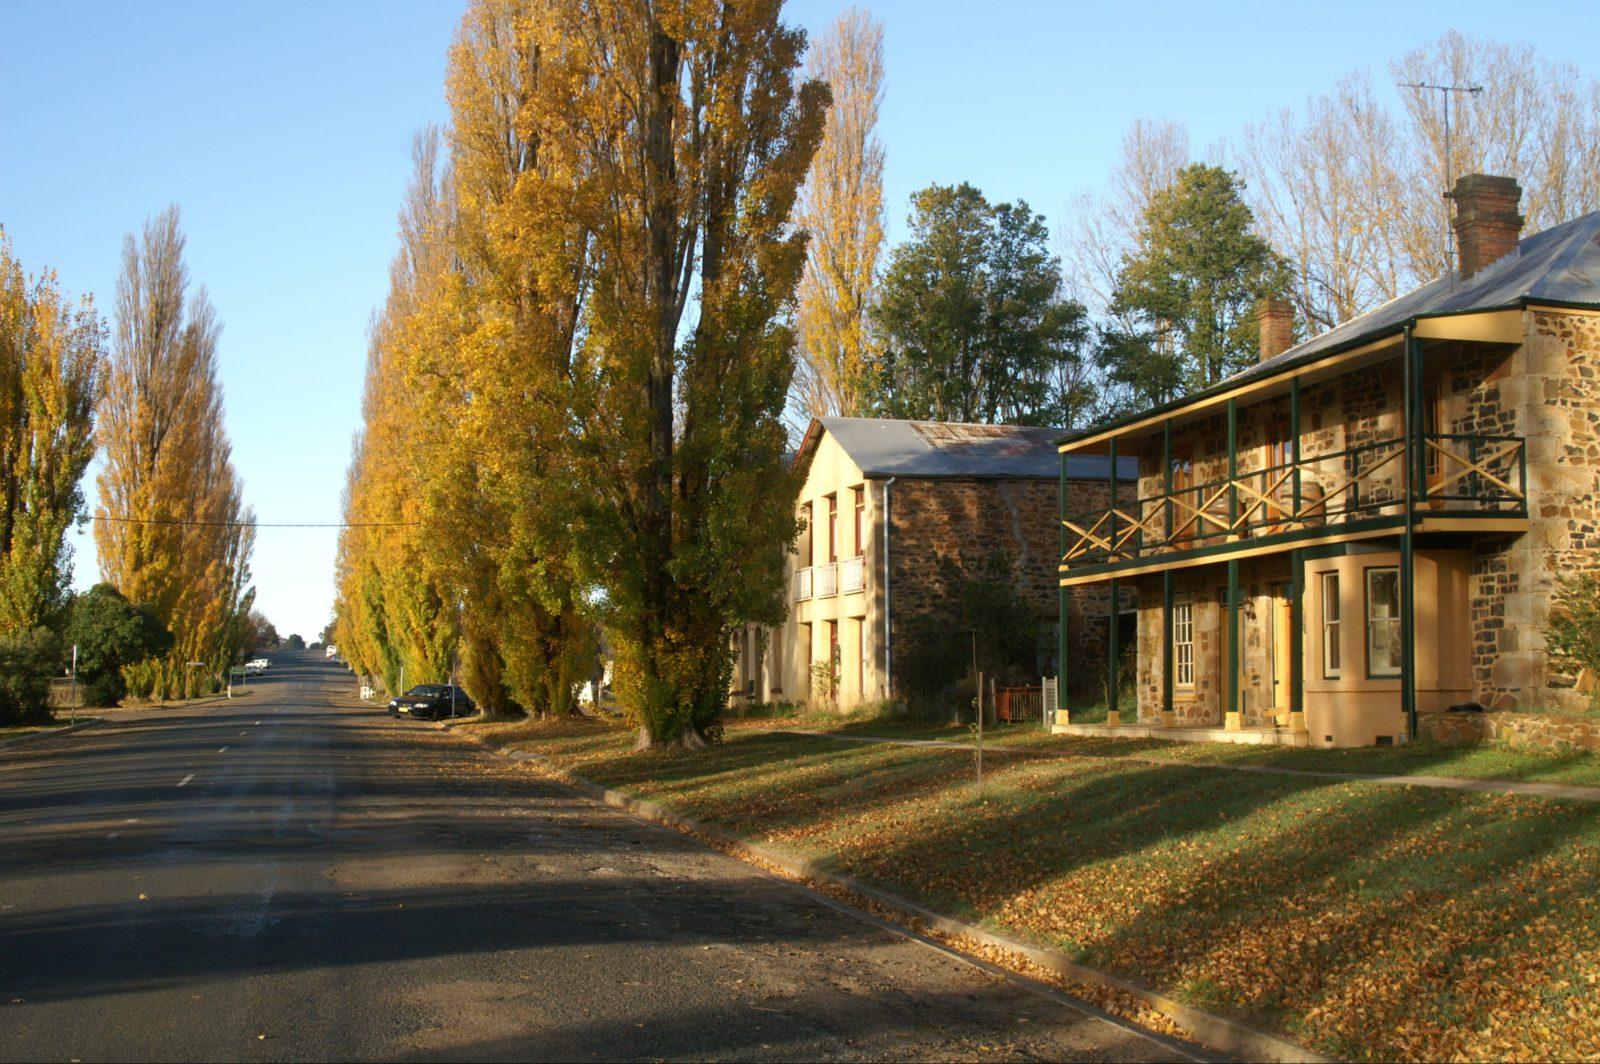 Taralga stone house and road